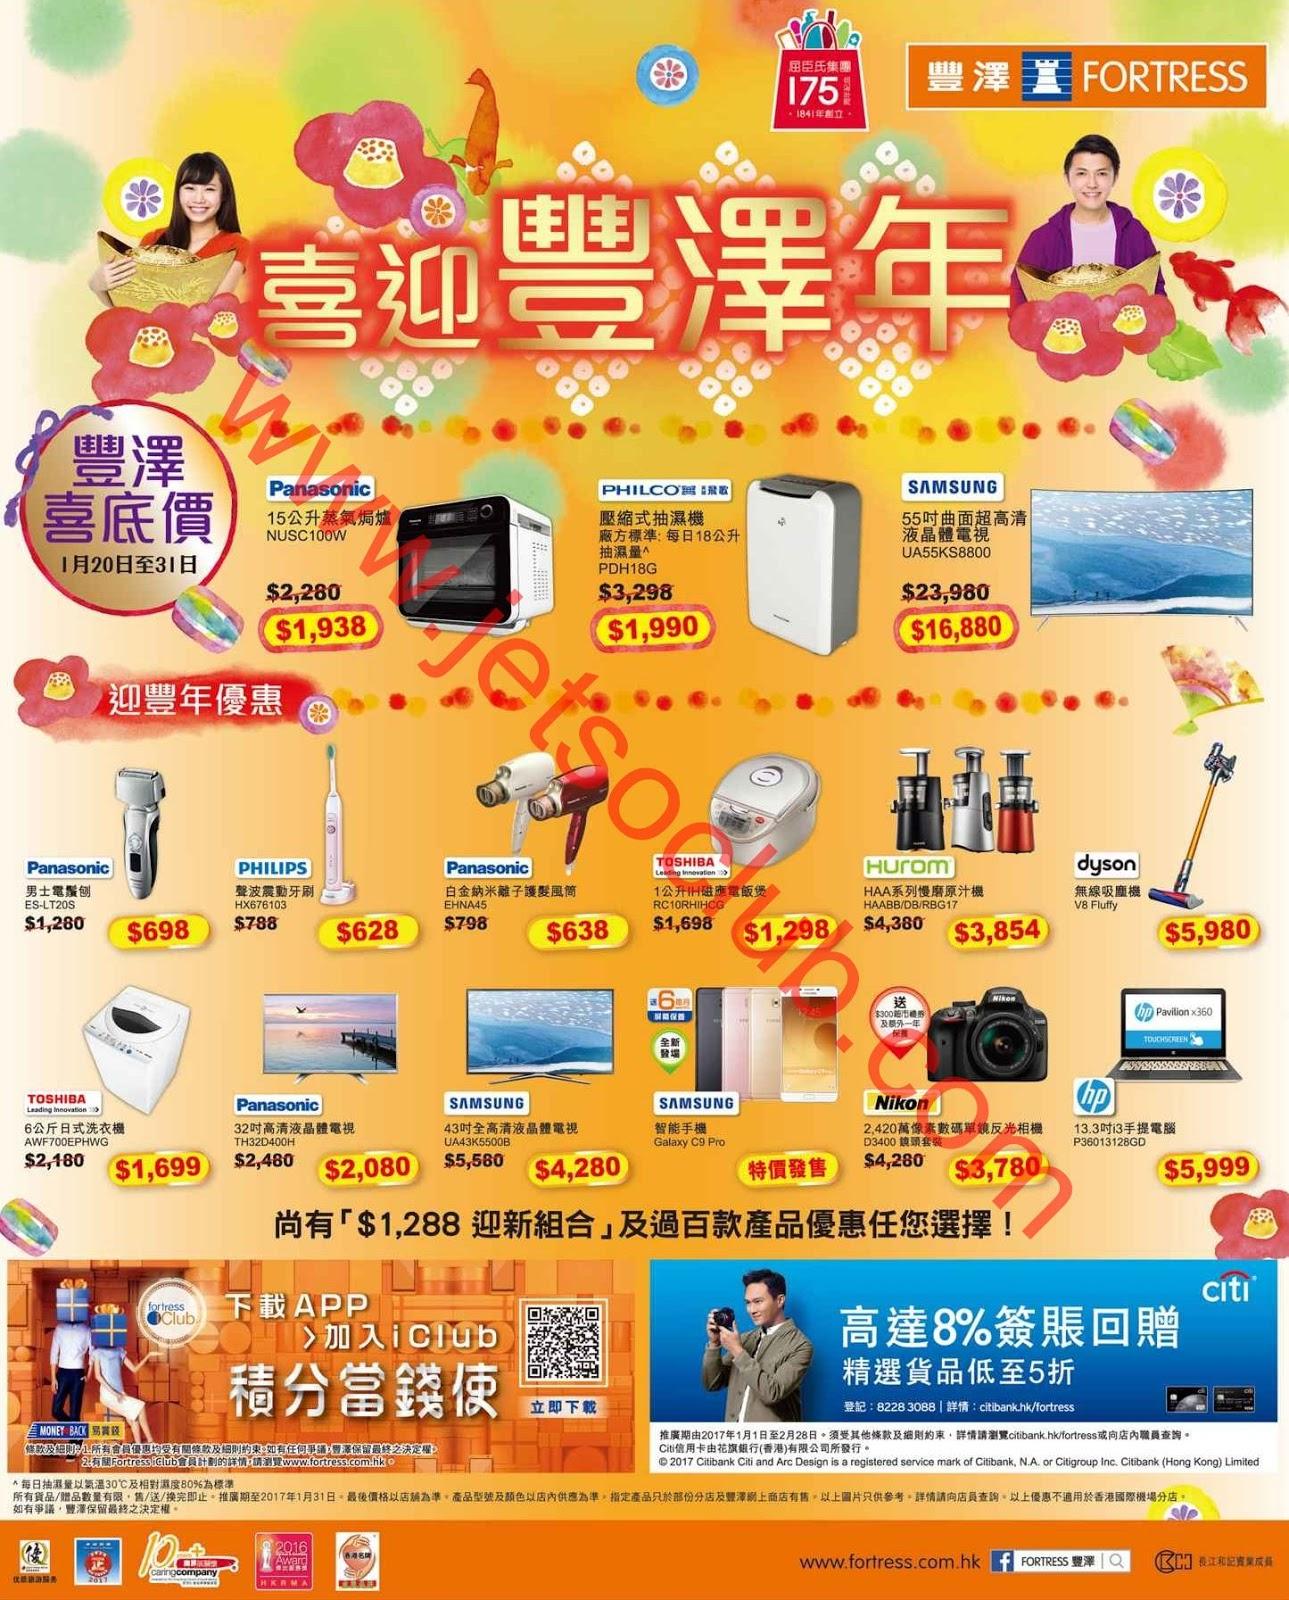 豐澤 Fortress:最新喜底價(20-31/1)/ 百老匯:迎新歲優惠 ( Jetso Club 著數俱樂部 )